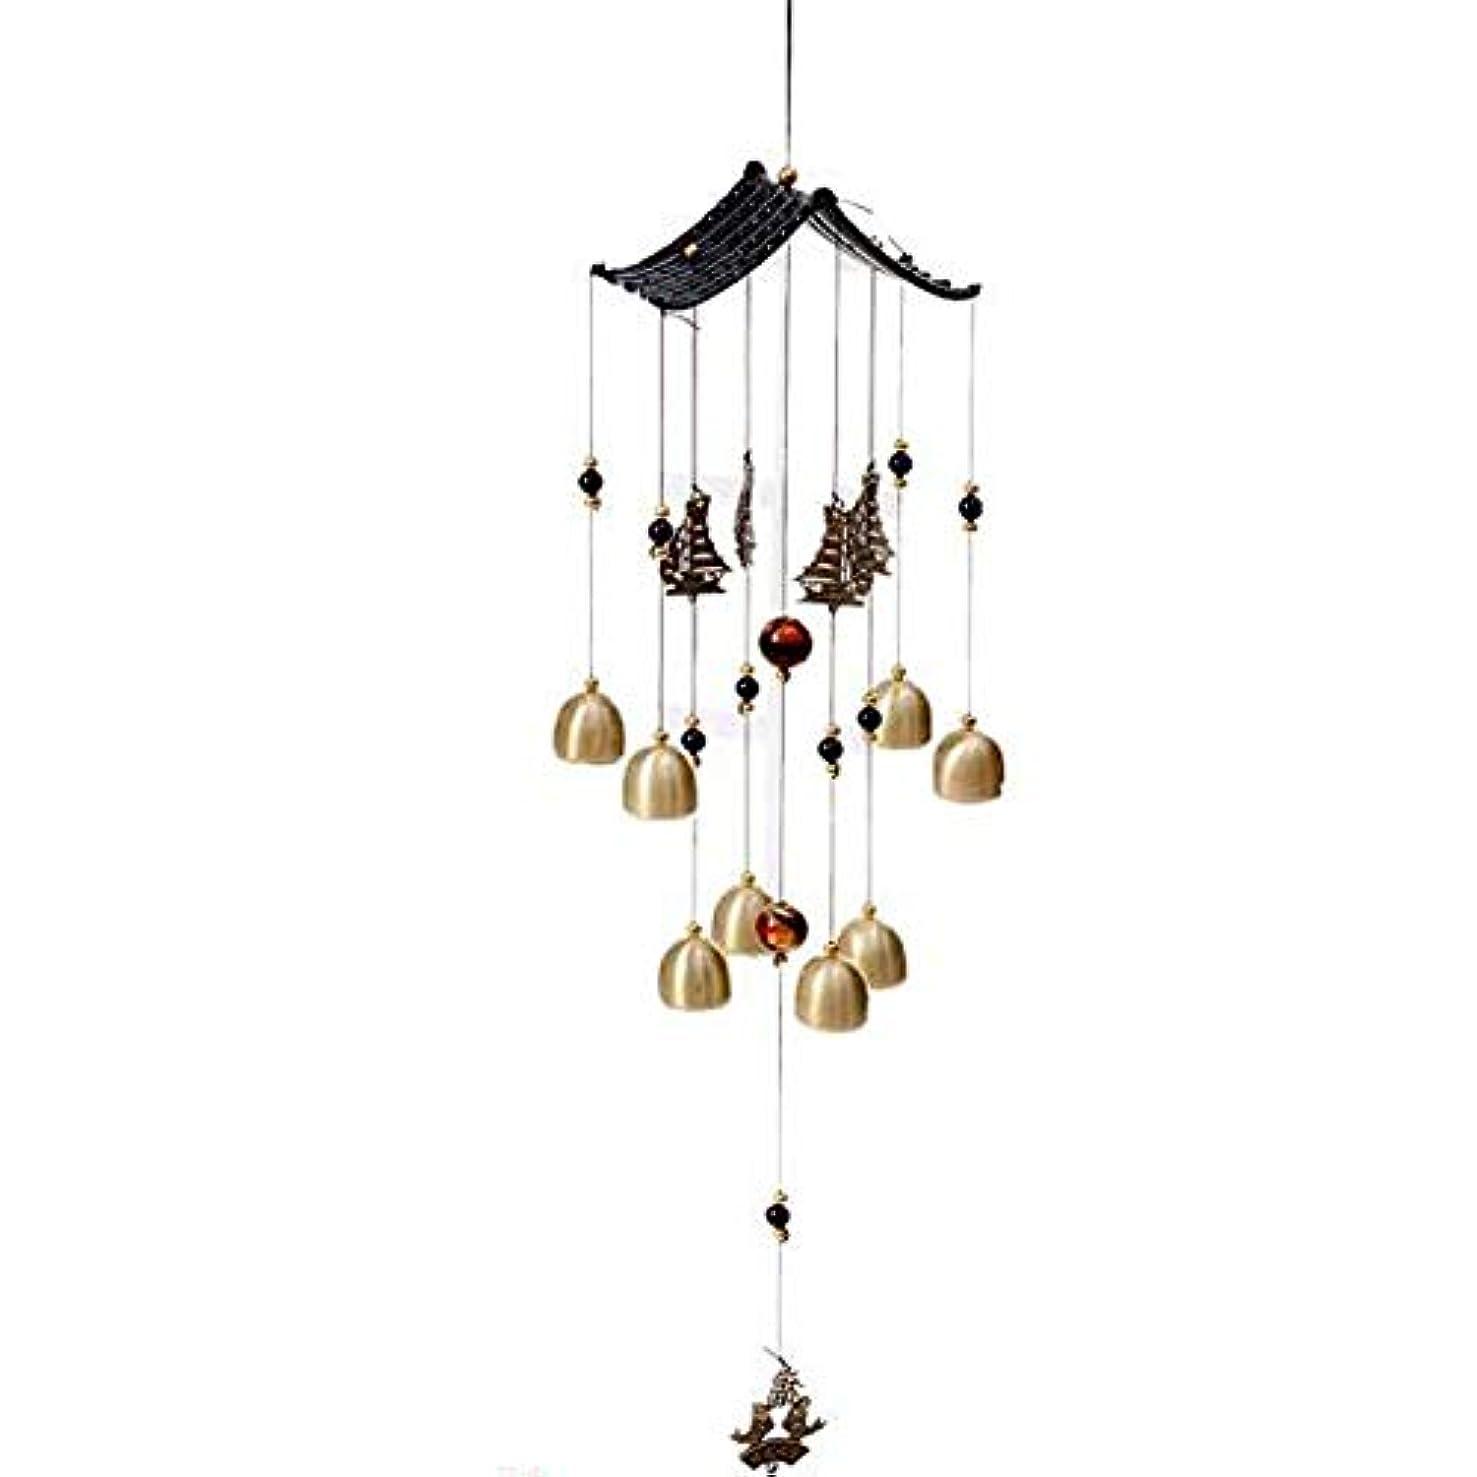 キャラクタークロール松明Kaiyitong01 風チャイム、金属銅鐘ホームデコレーション、ブラック、サイズ62 * 13CM,絶妙なファッション (Color : Black-A)